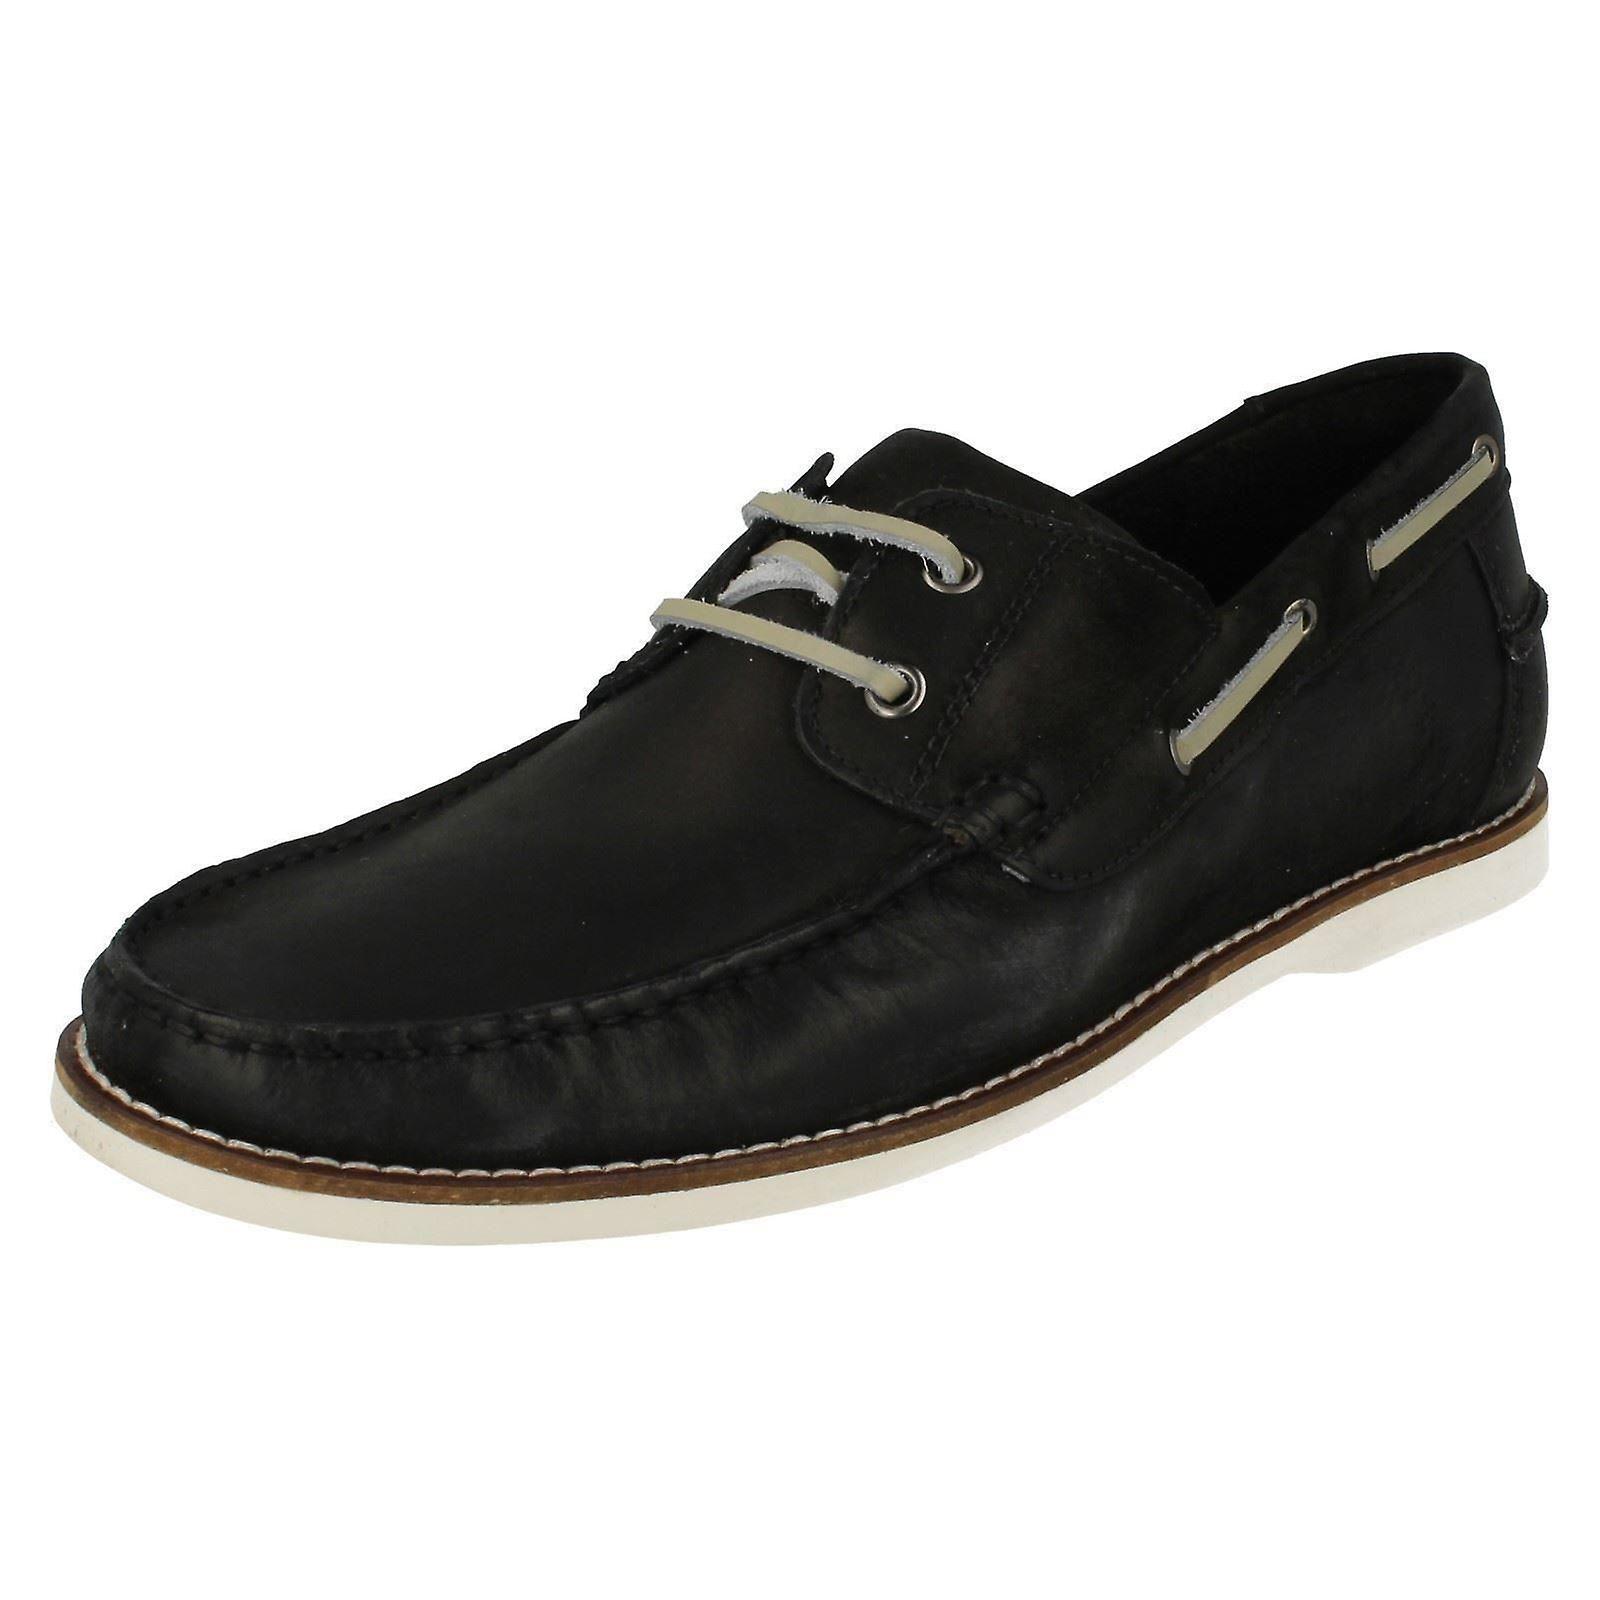 Men's Anatomic & Co Casual Lace Up Deck Shoes Yago 191905 Vintage Black Size UK 10.5/45